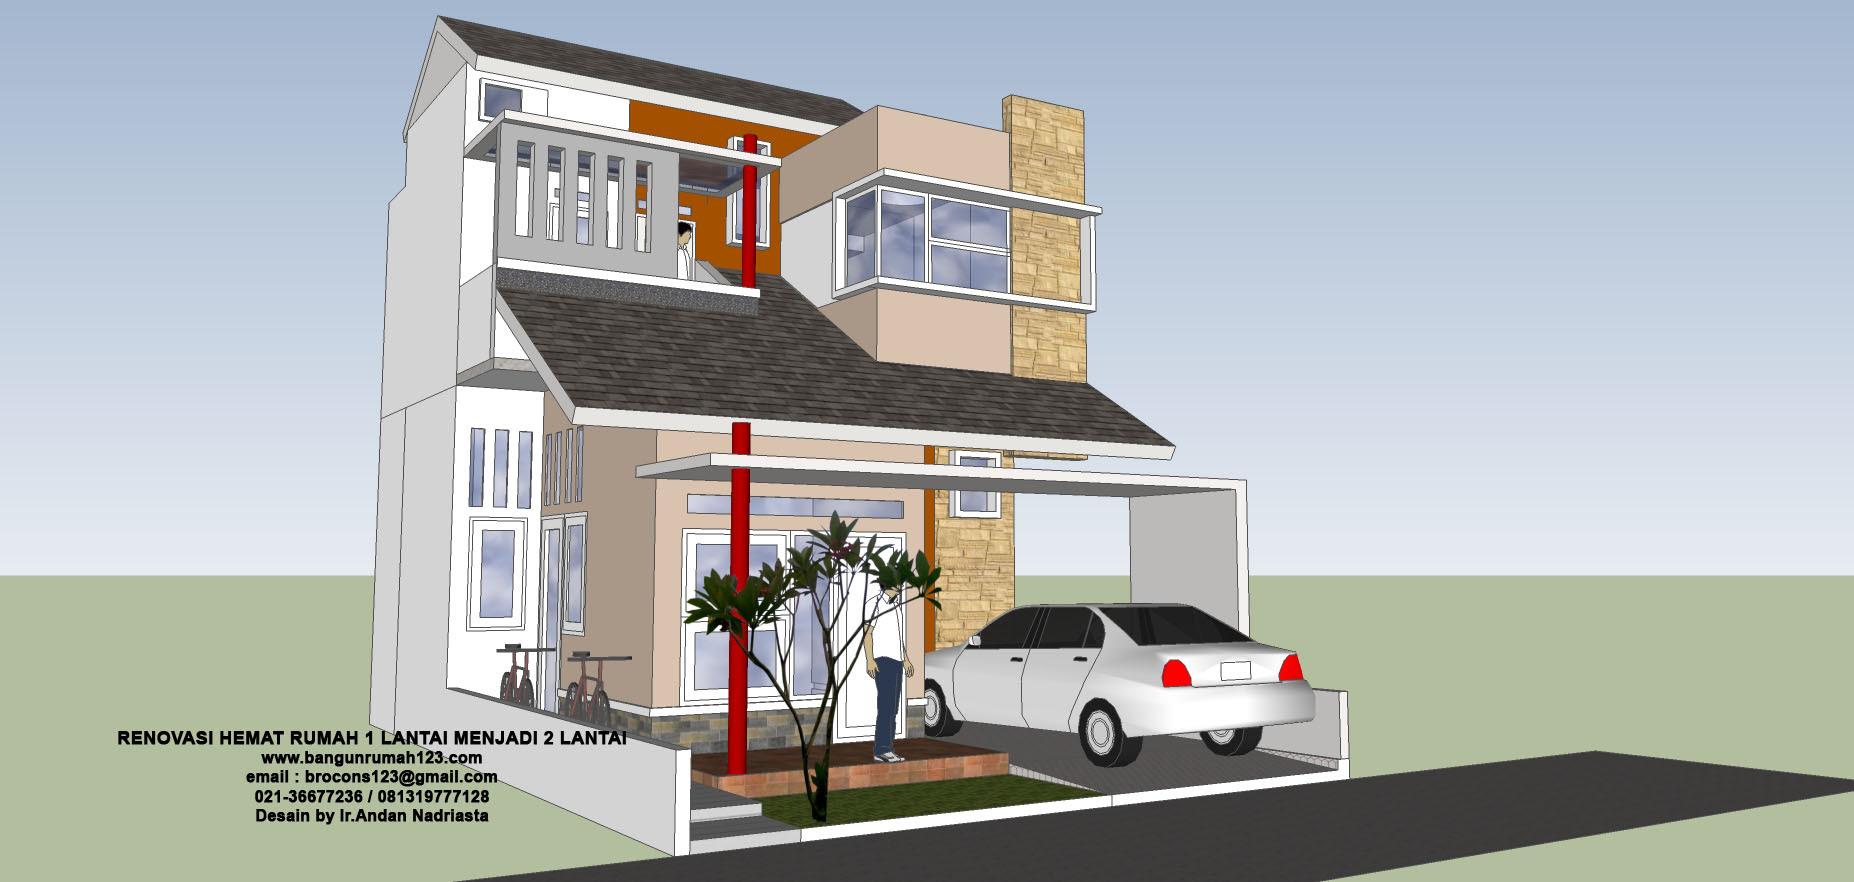 55 Gambar Rumah Bertingkat Bagian Samping Gratis Terbaru